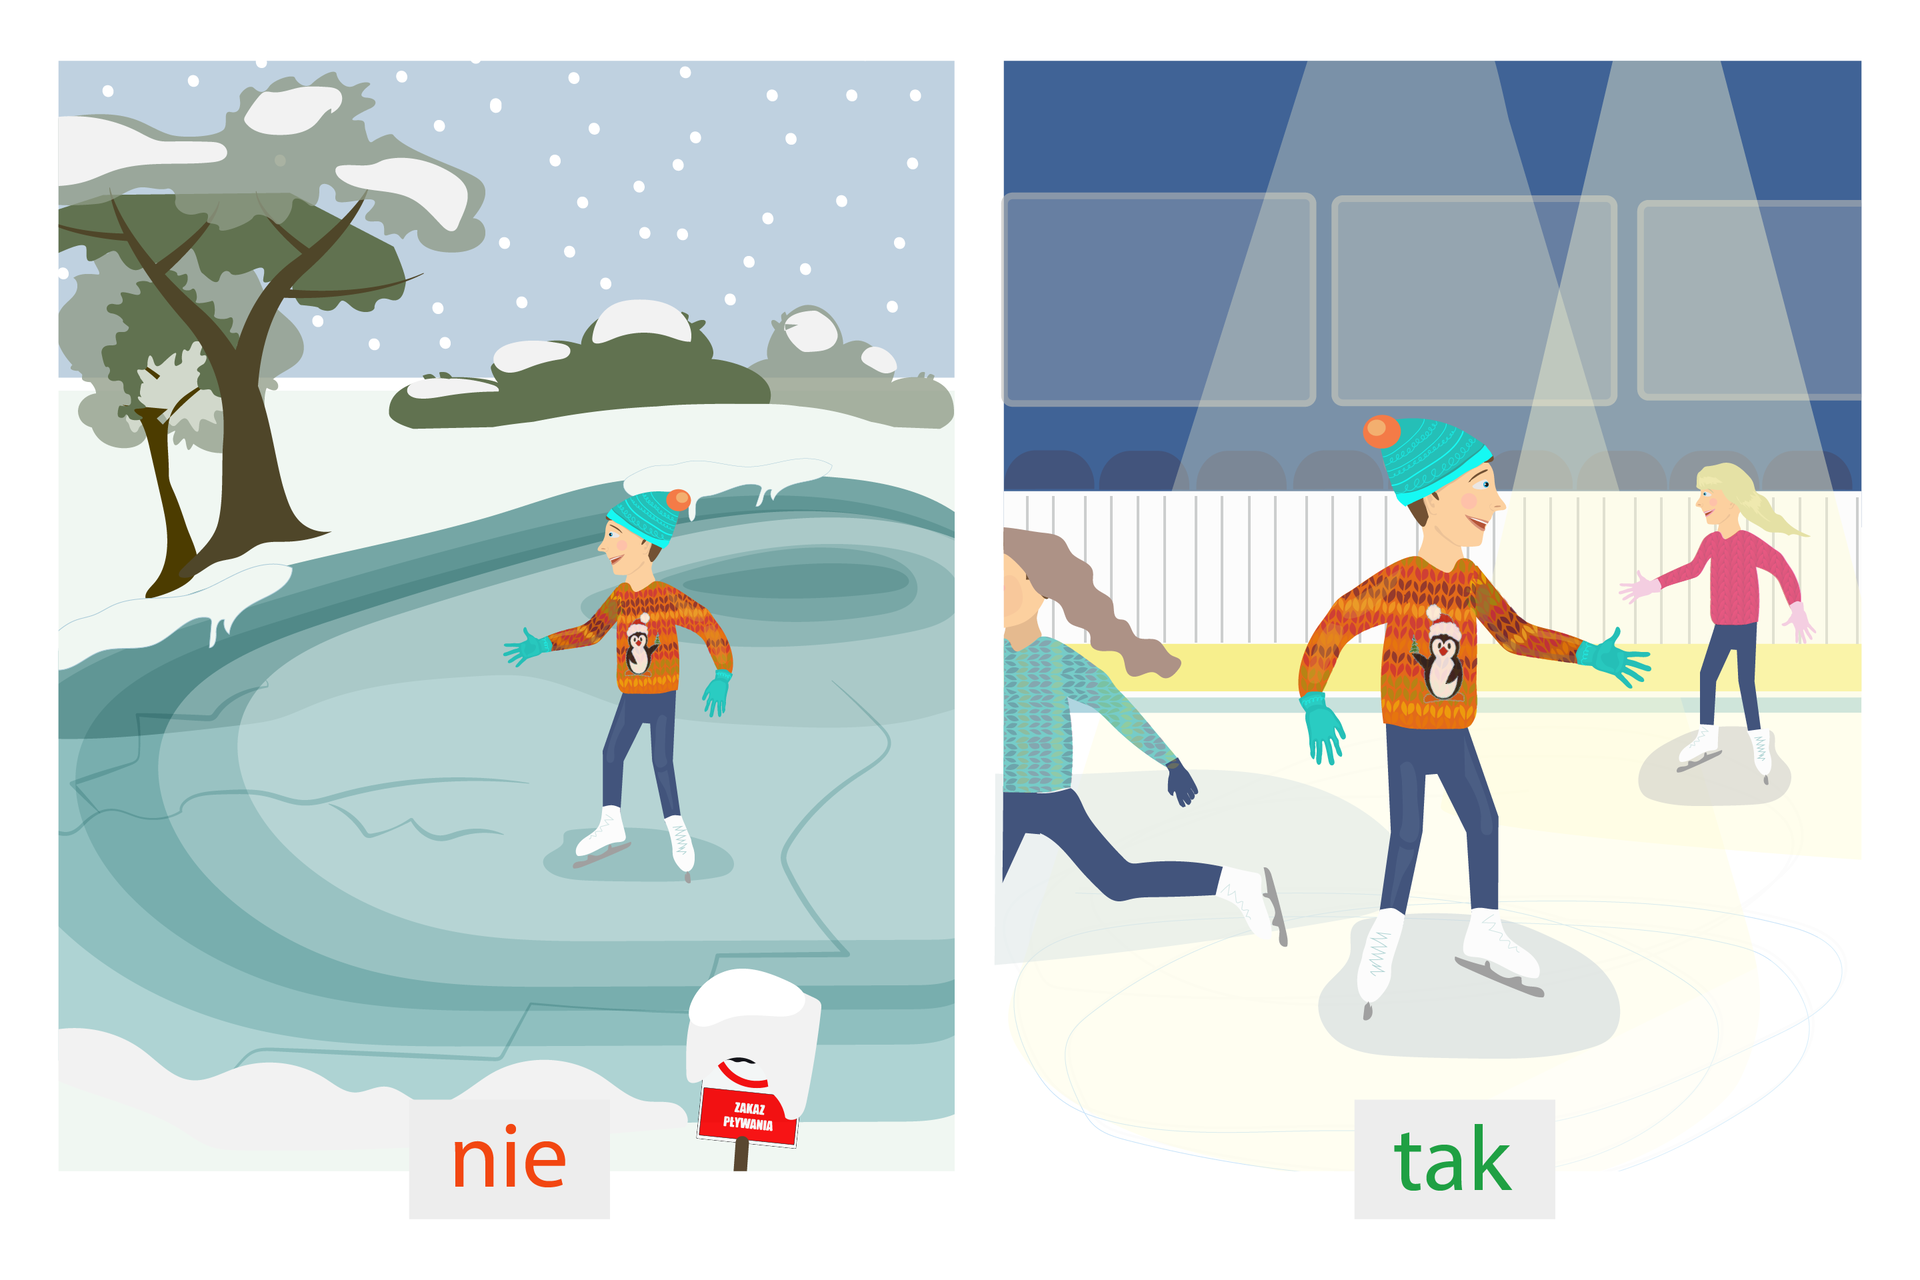 Drugi rysunek: po lewej stronie jeżdżące na łyżwach na zamarzniętym jeziorze. Po prawej stronie dzieci jeżdżące na łyżwach na sztucznym lodowisku.